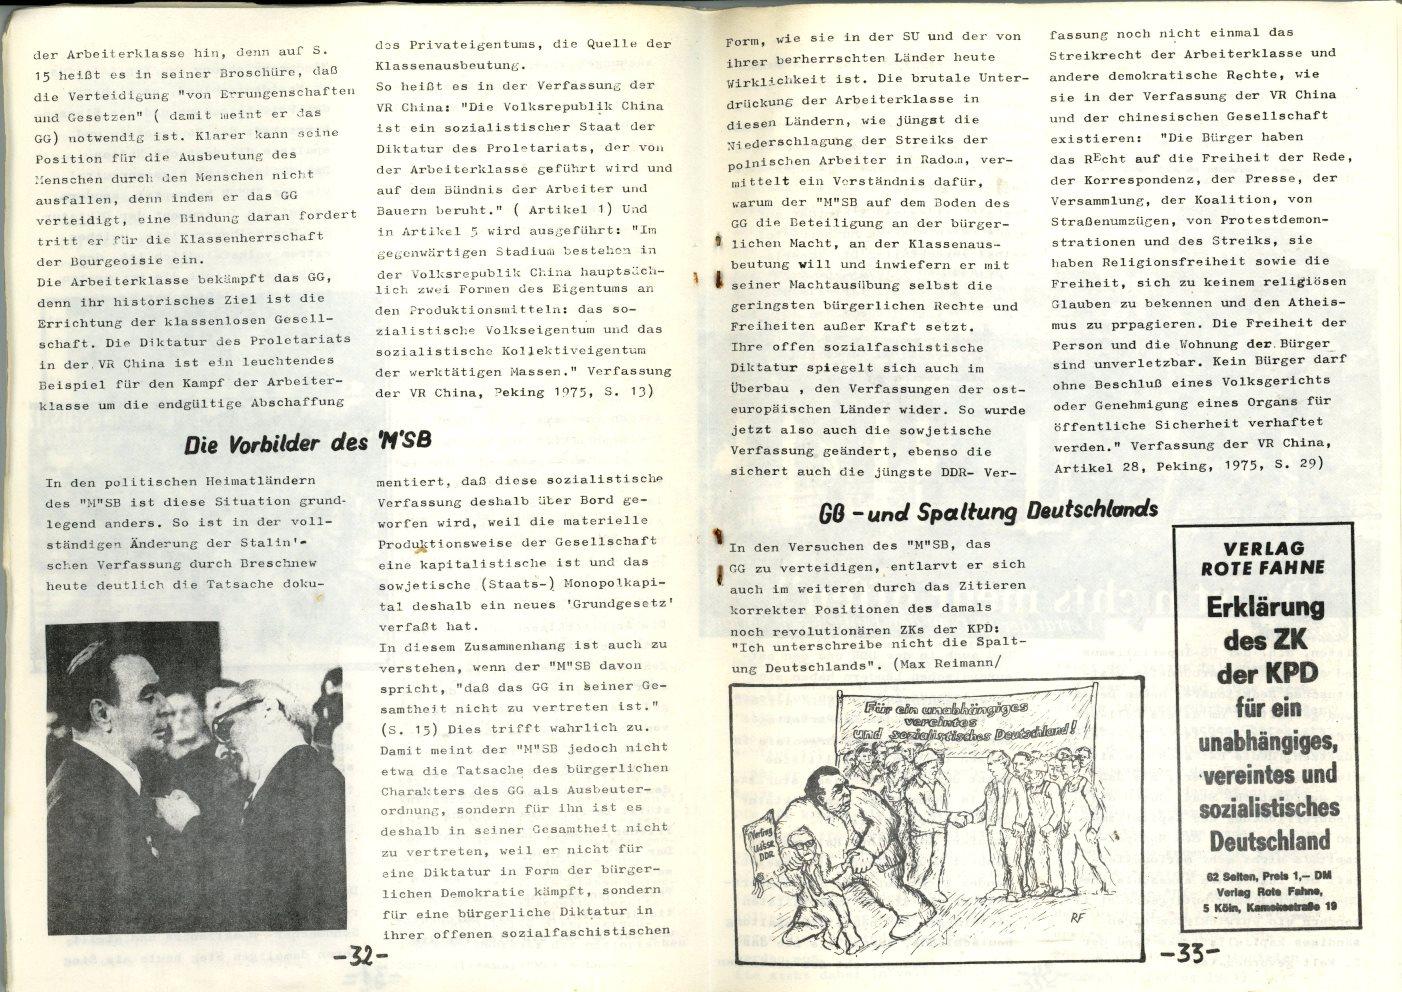 NRW_KSV_1977_Doku_zu_den_AStA_Wahlen_Nr_2_17